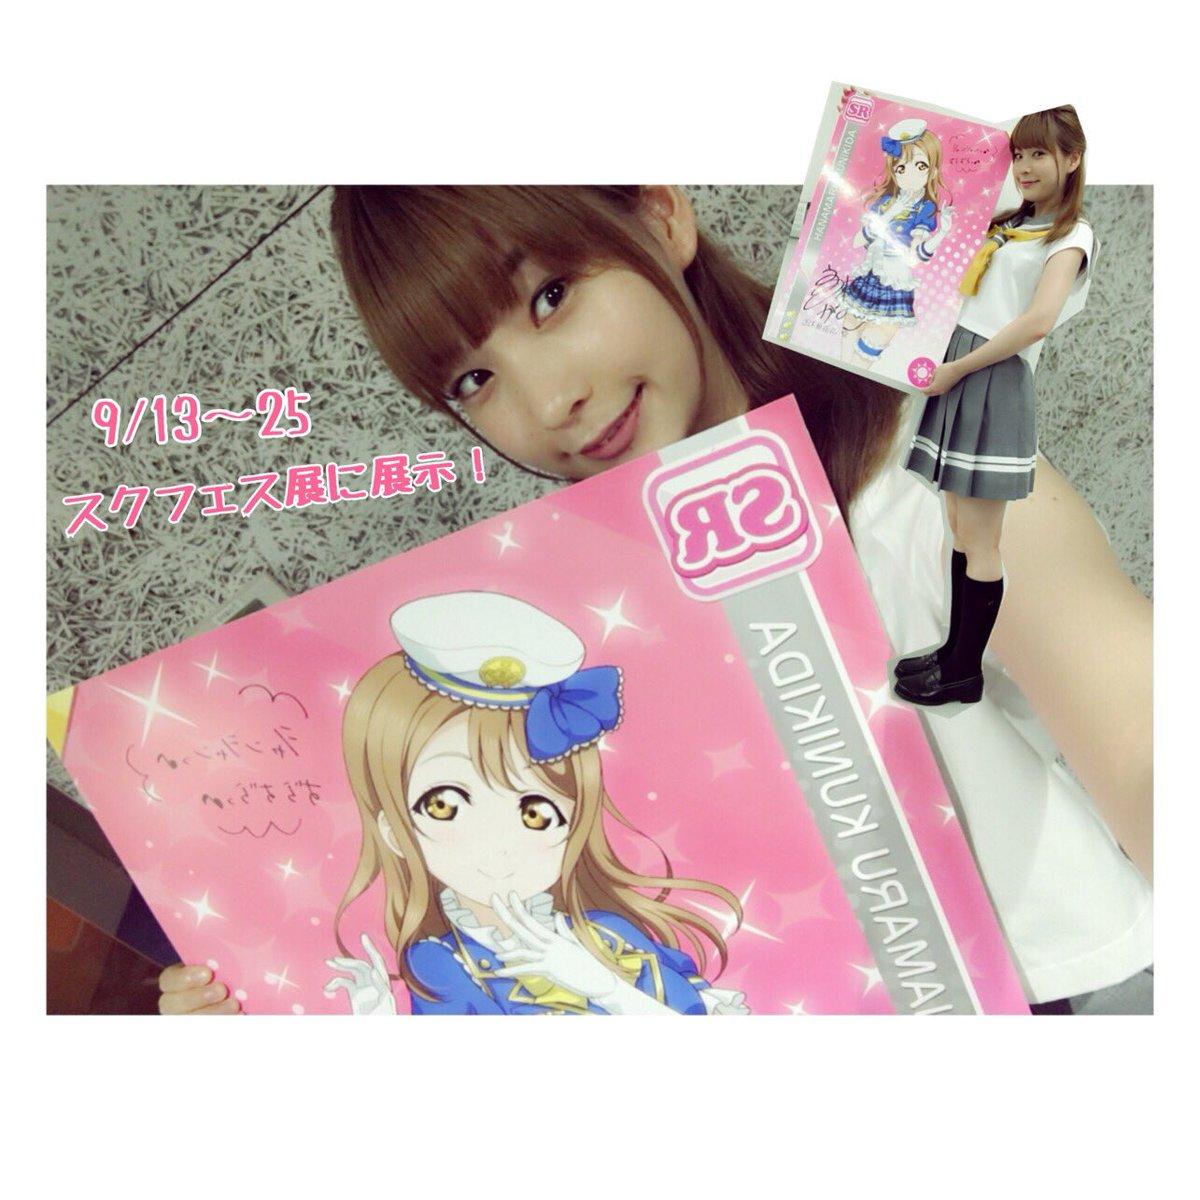 9/13〜25、秋葉原UDX内の東京アニメセンターにて「ラブライブ!スクールアイドルフェスティバル展」が開催されます!私が持っているのは展示されるでかSRカードずら🙆🏻是非遊びにいってね♪♪#lovelive pic.twitter.com/5ddxx3sxzk